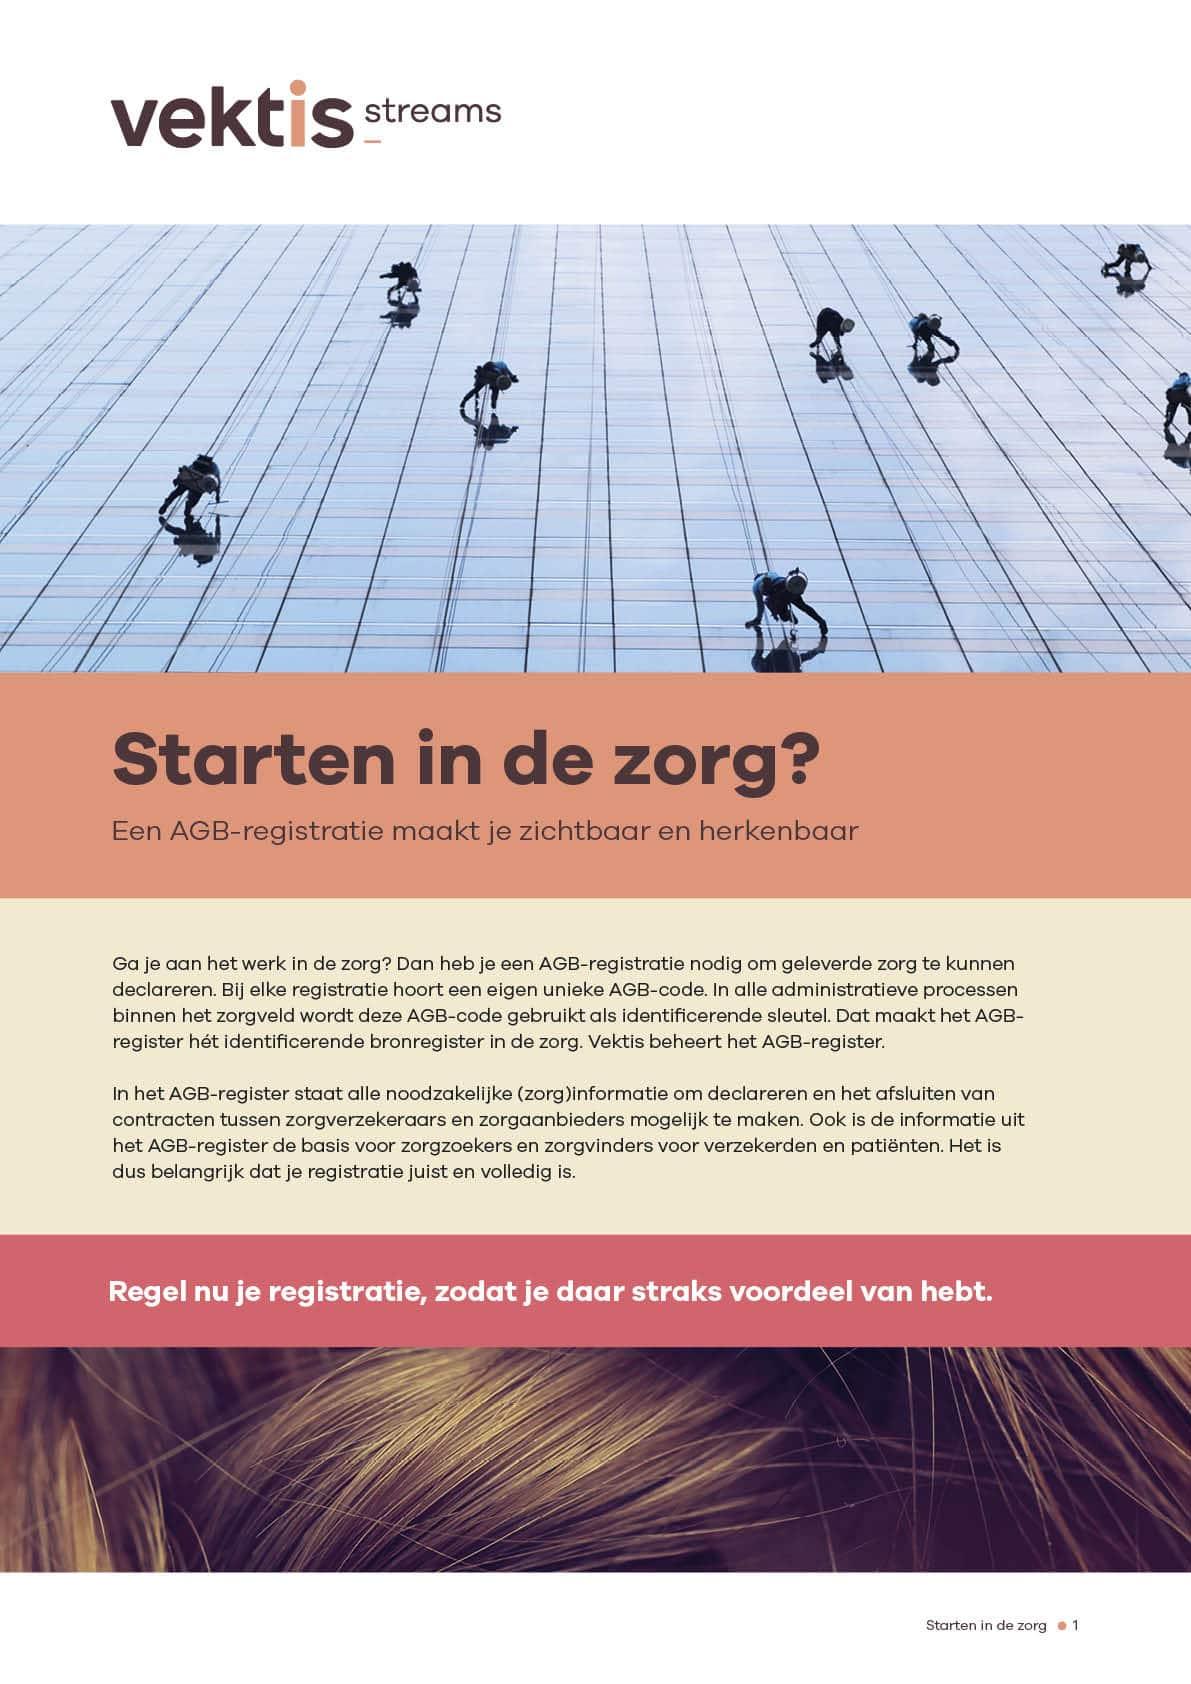 Ontwerp brochure starten in de zorg Vektis door snhontwerp - omslag